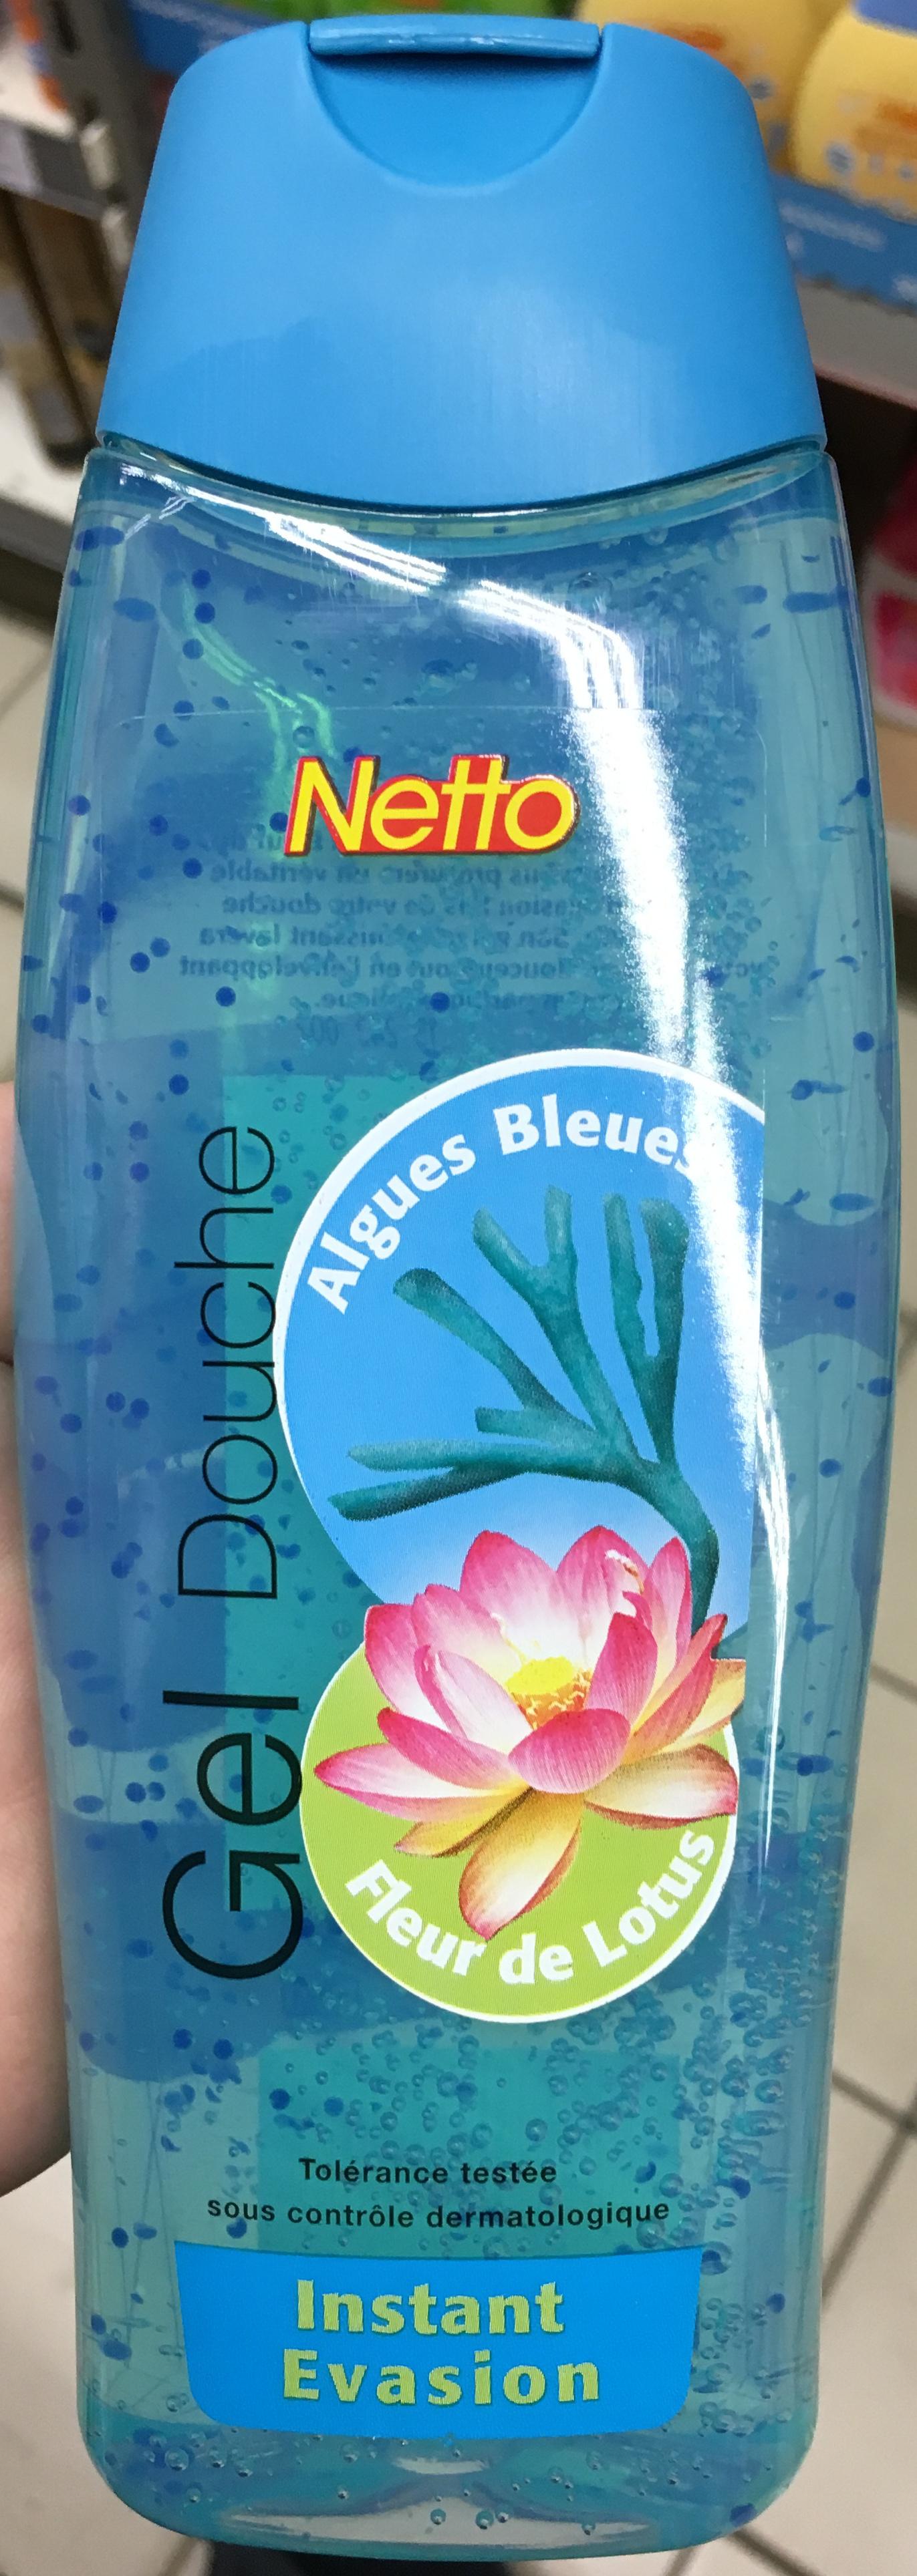 Gel douche Instant Evasion Algues Bleues - Product